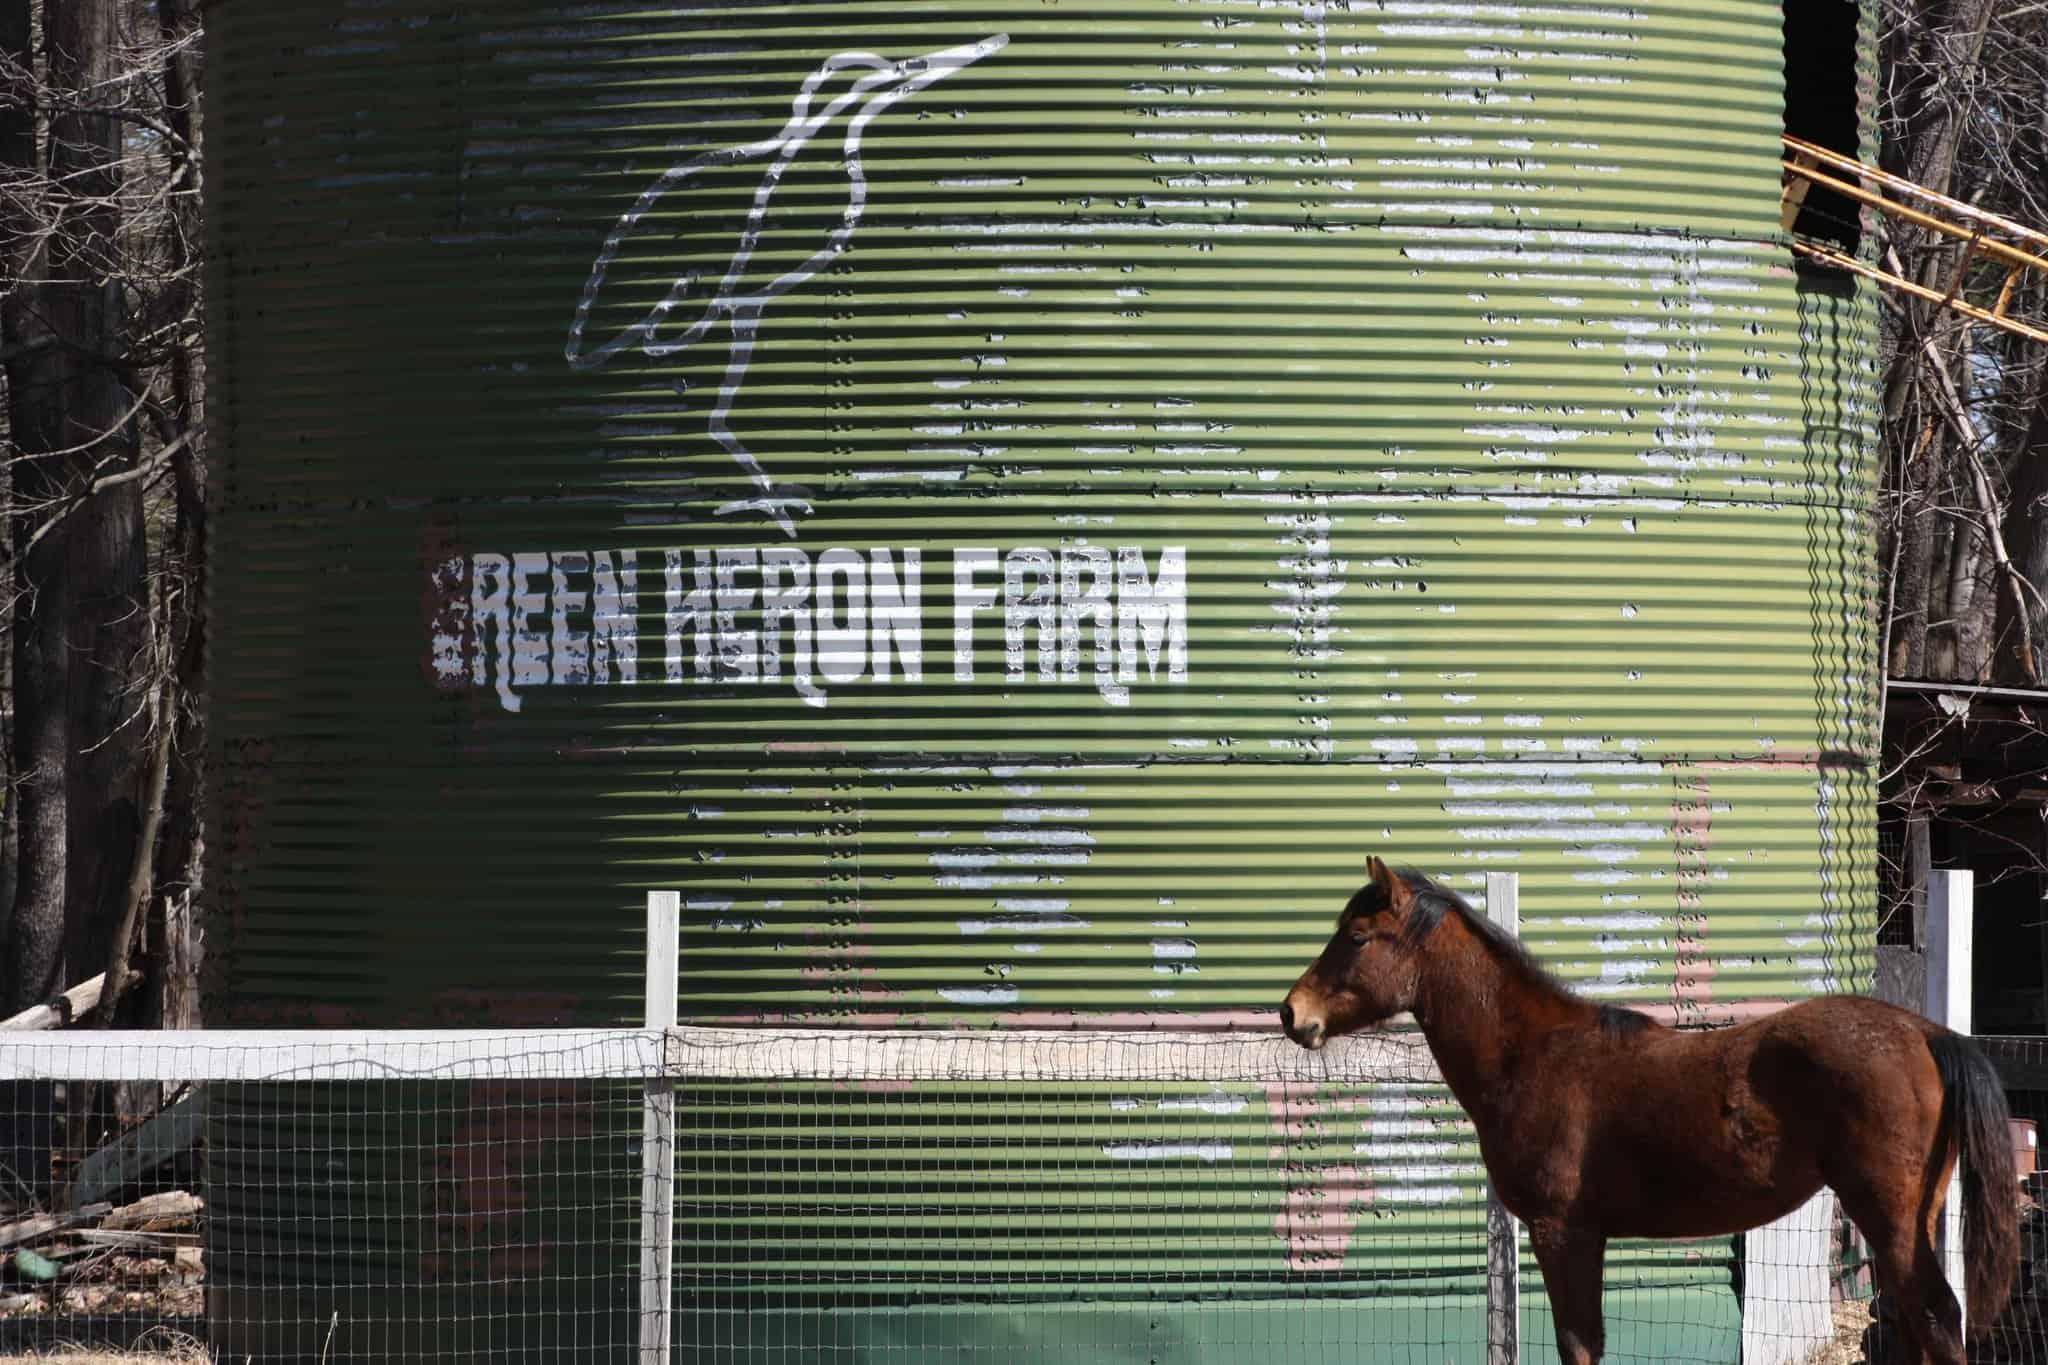 horse next to silo